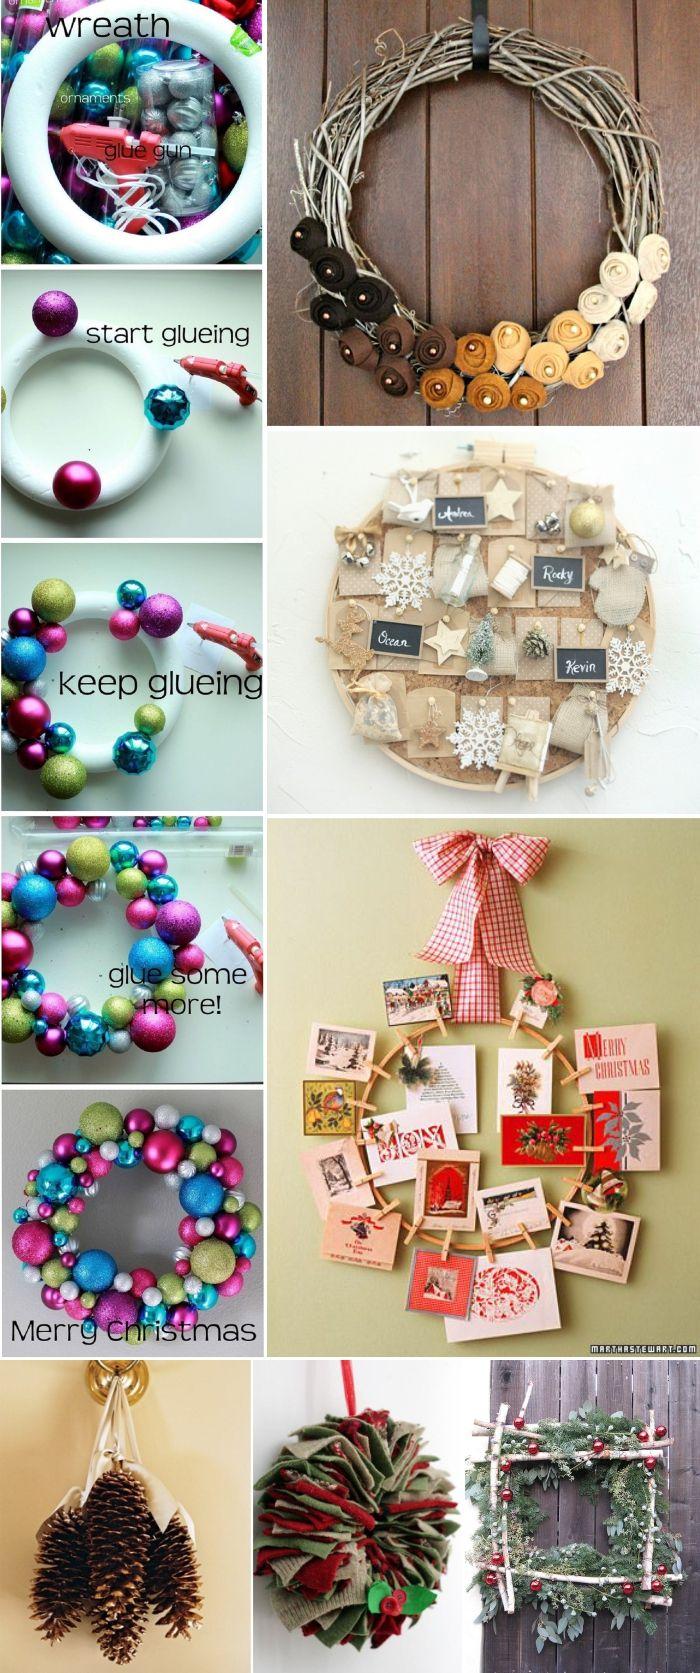 Enfeites de Natal decoração natalina sem gastar muito ...